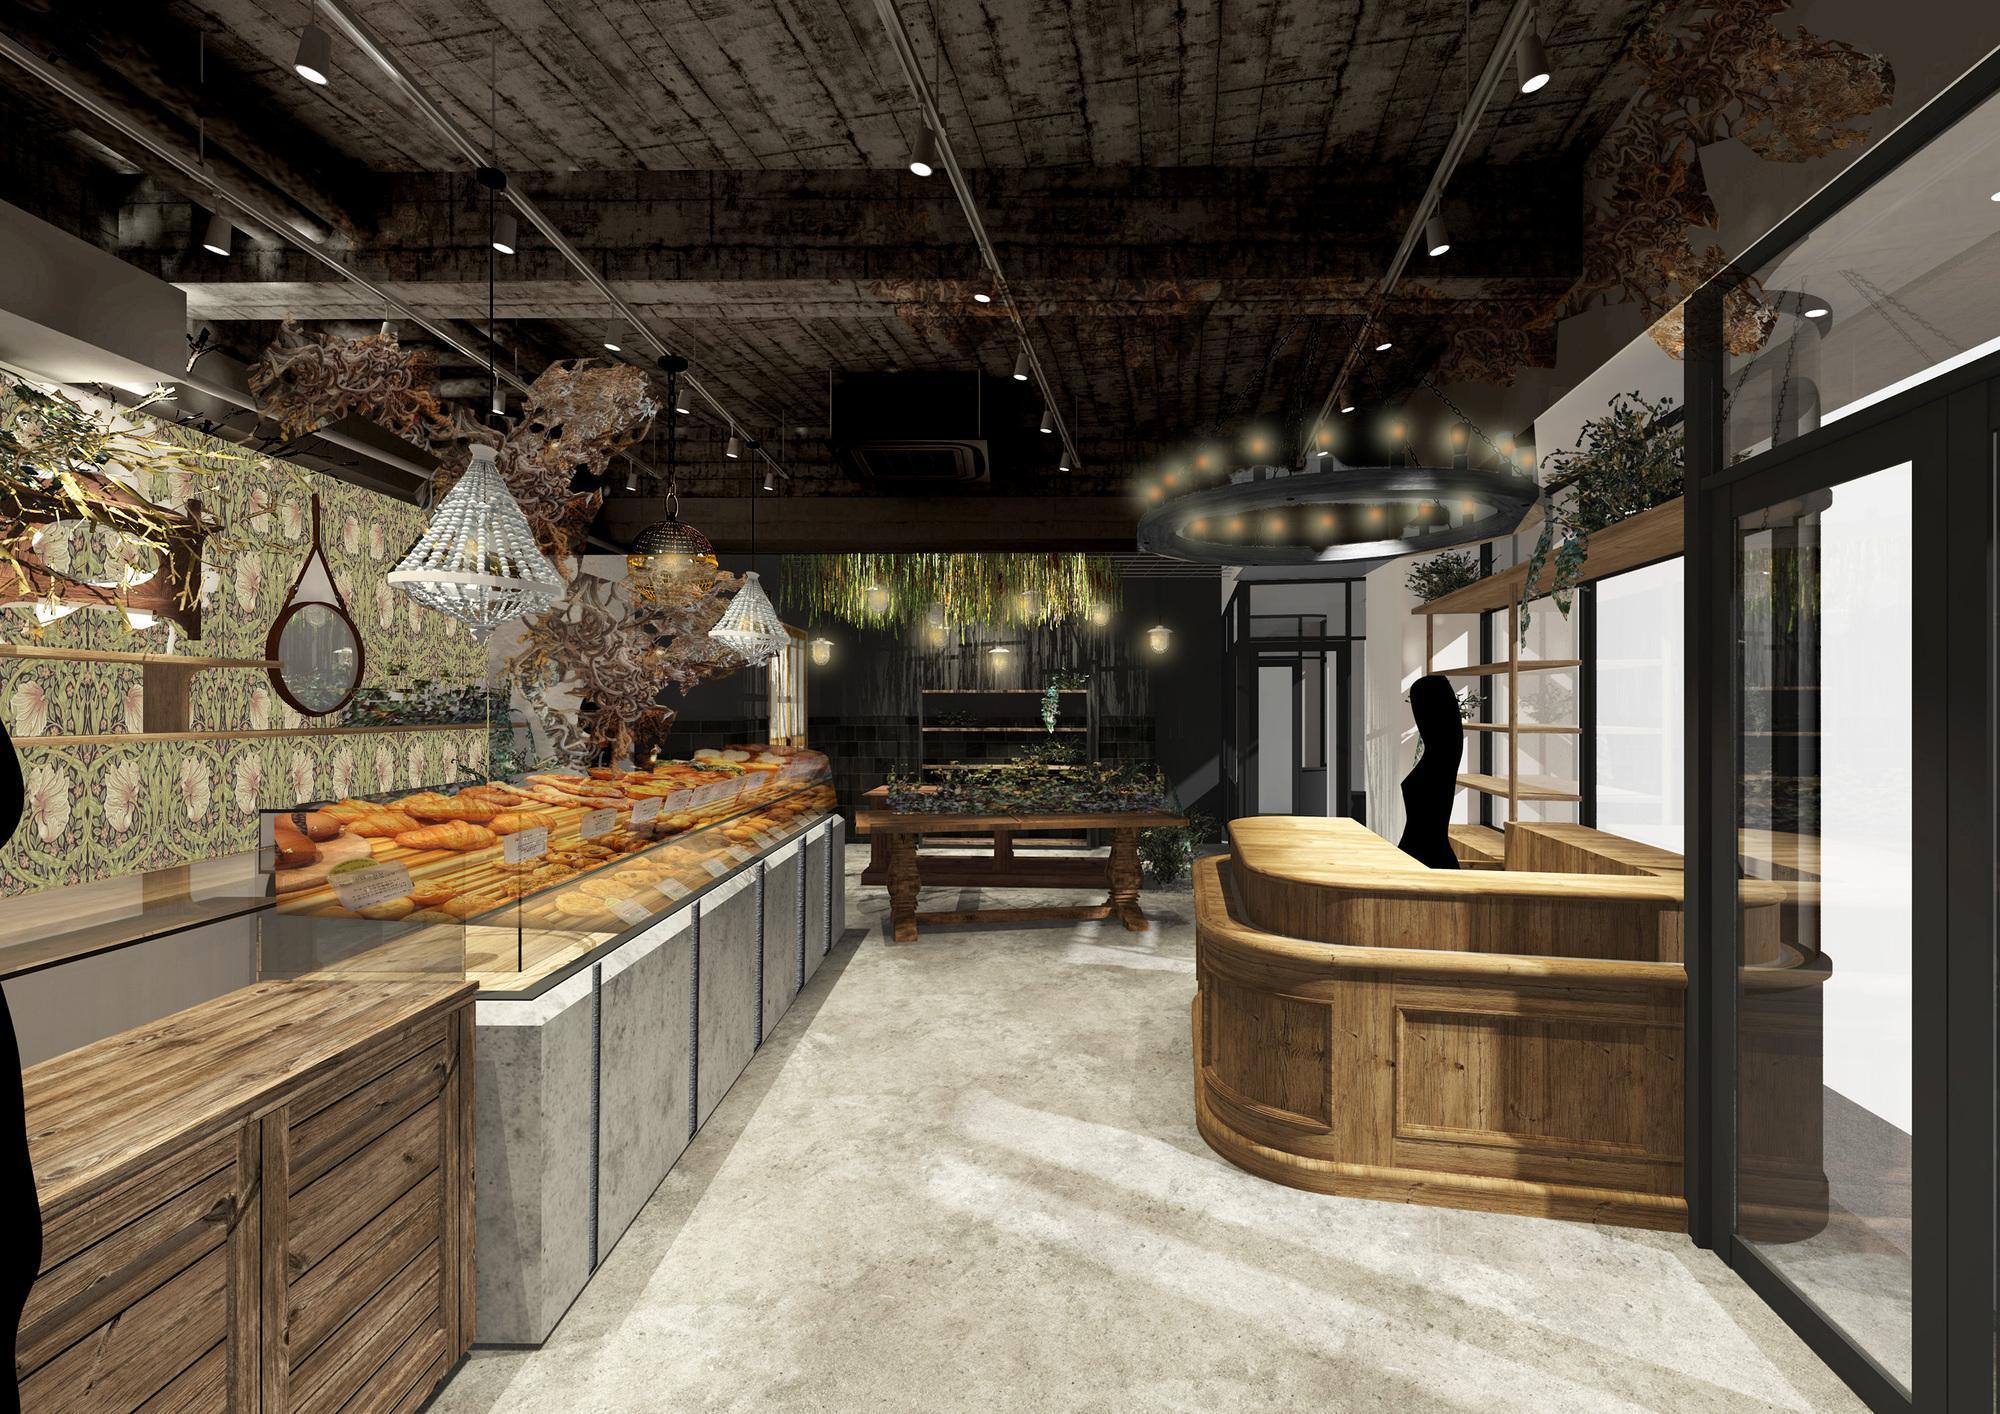 パンと菓子と花と。食卓に彩りを届ける複合店がニューオープン